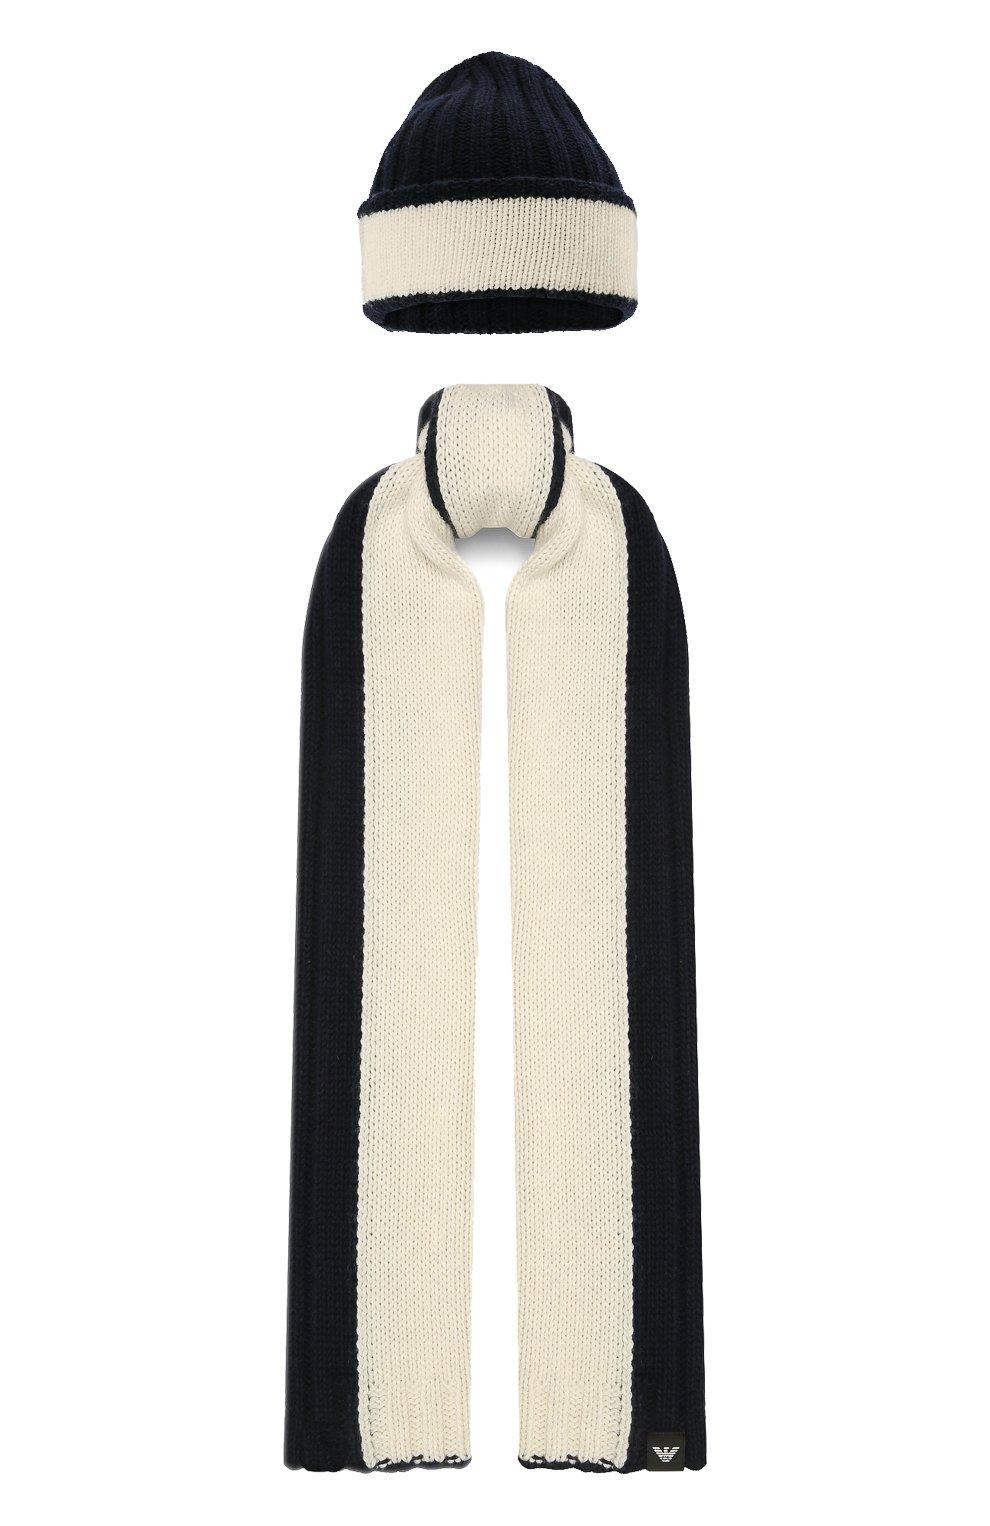 Детский комплект из шапки и шарфа EMPORIO ARMANI синего цвета, арт. 407515/1A767   Фото 1 (Материал: Текстиль, Шерсть, Вискоза)